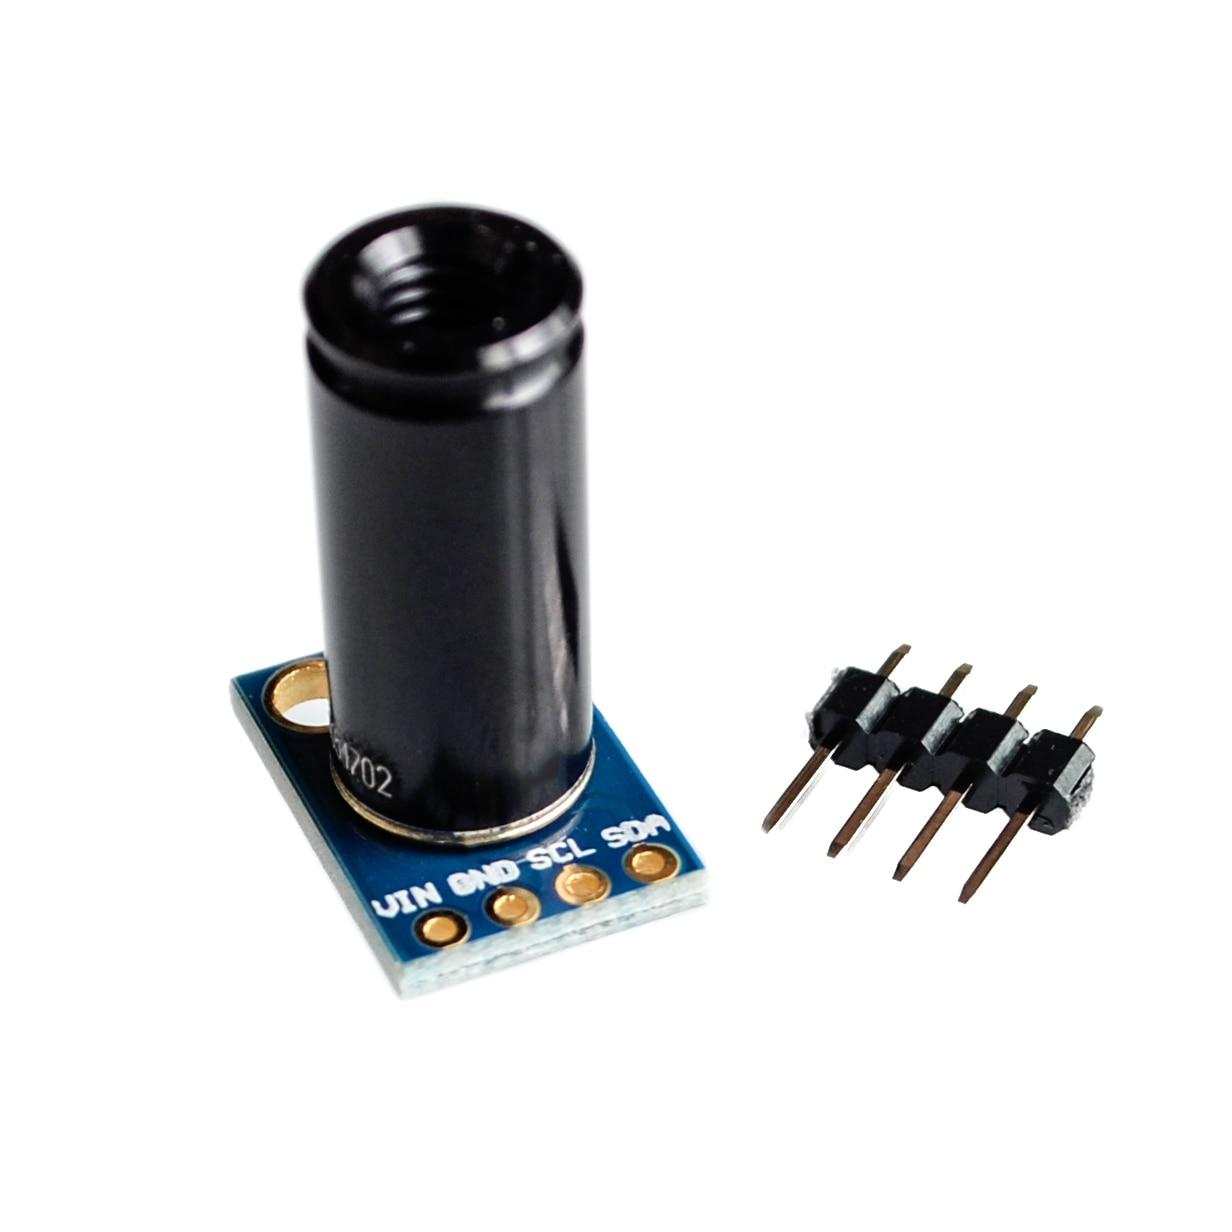 MLX90614ESF DCI сенсор модуль MLX90614 инфракрасный датчик температуры s GY 906 DCI IIC разъем на большие расстояния электронный DIY PCB